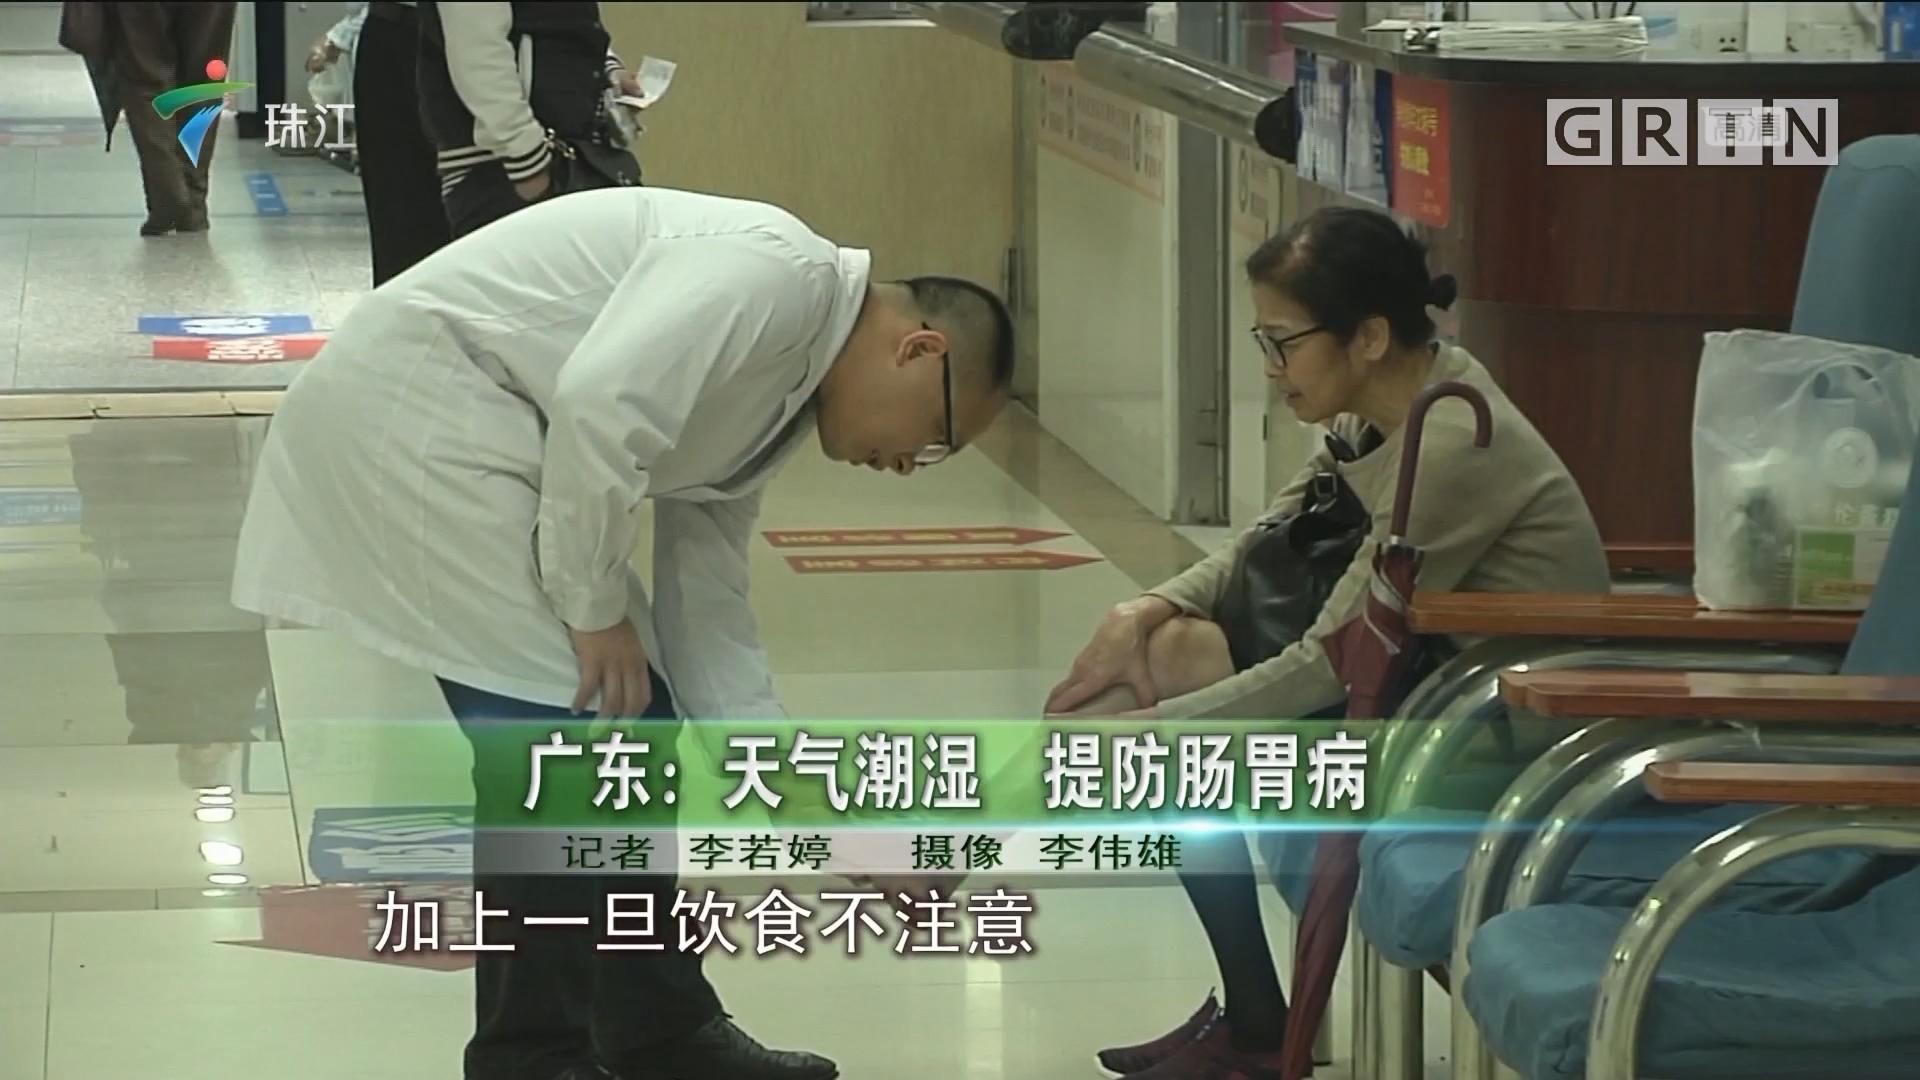 广东:天气潮湿 提防肠胃病